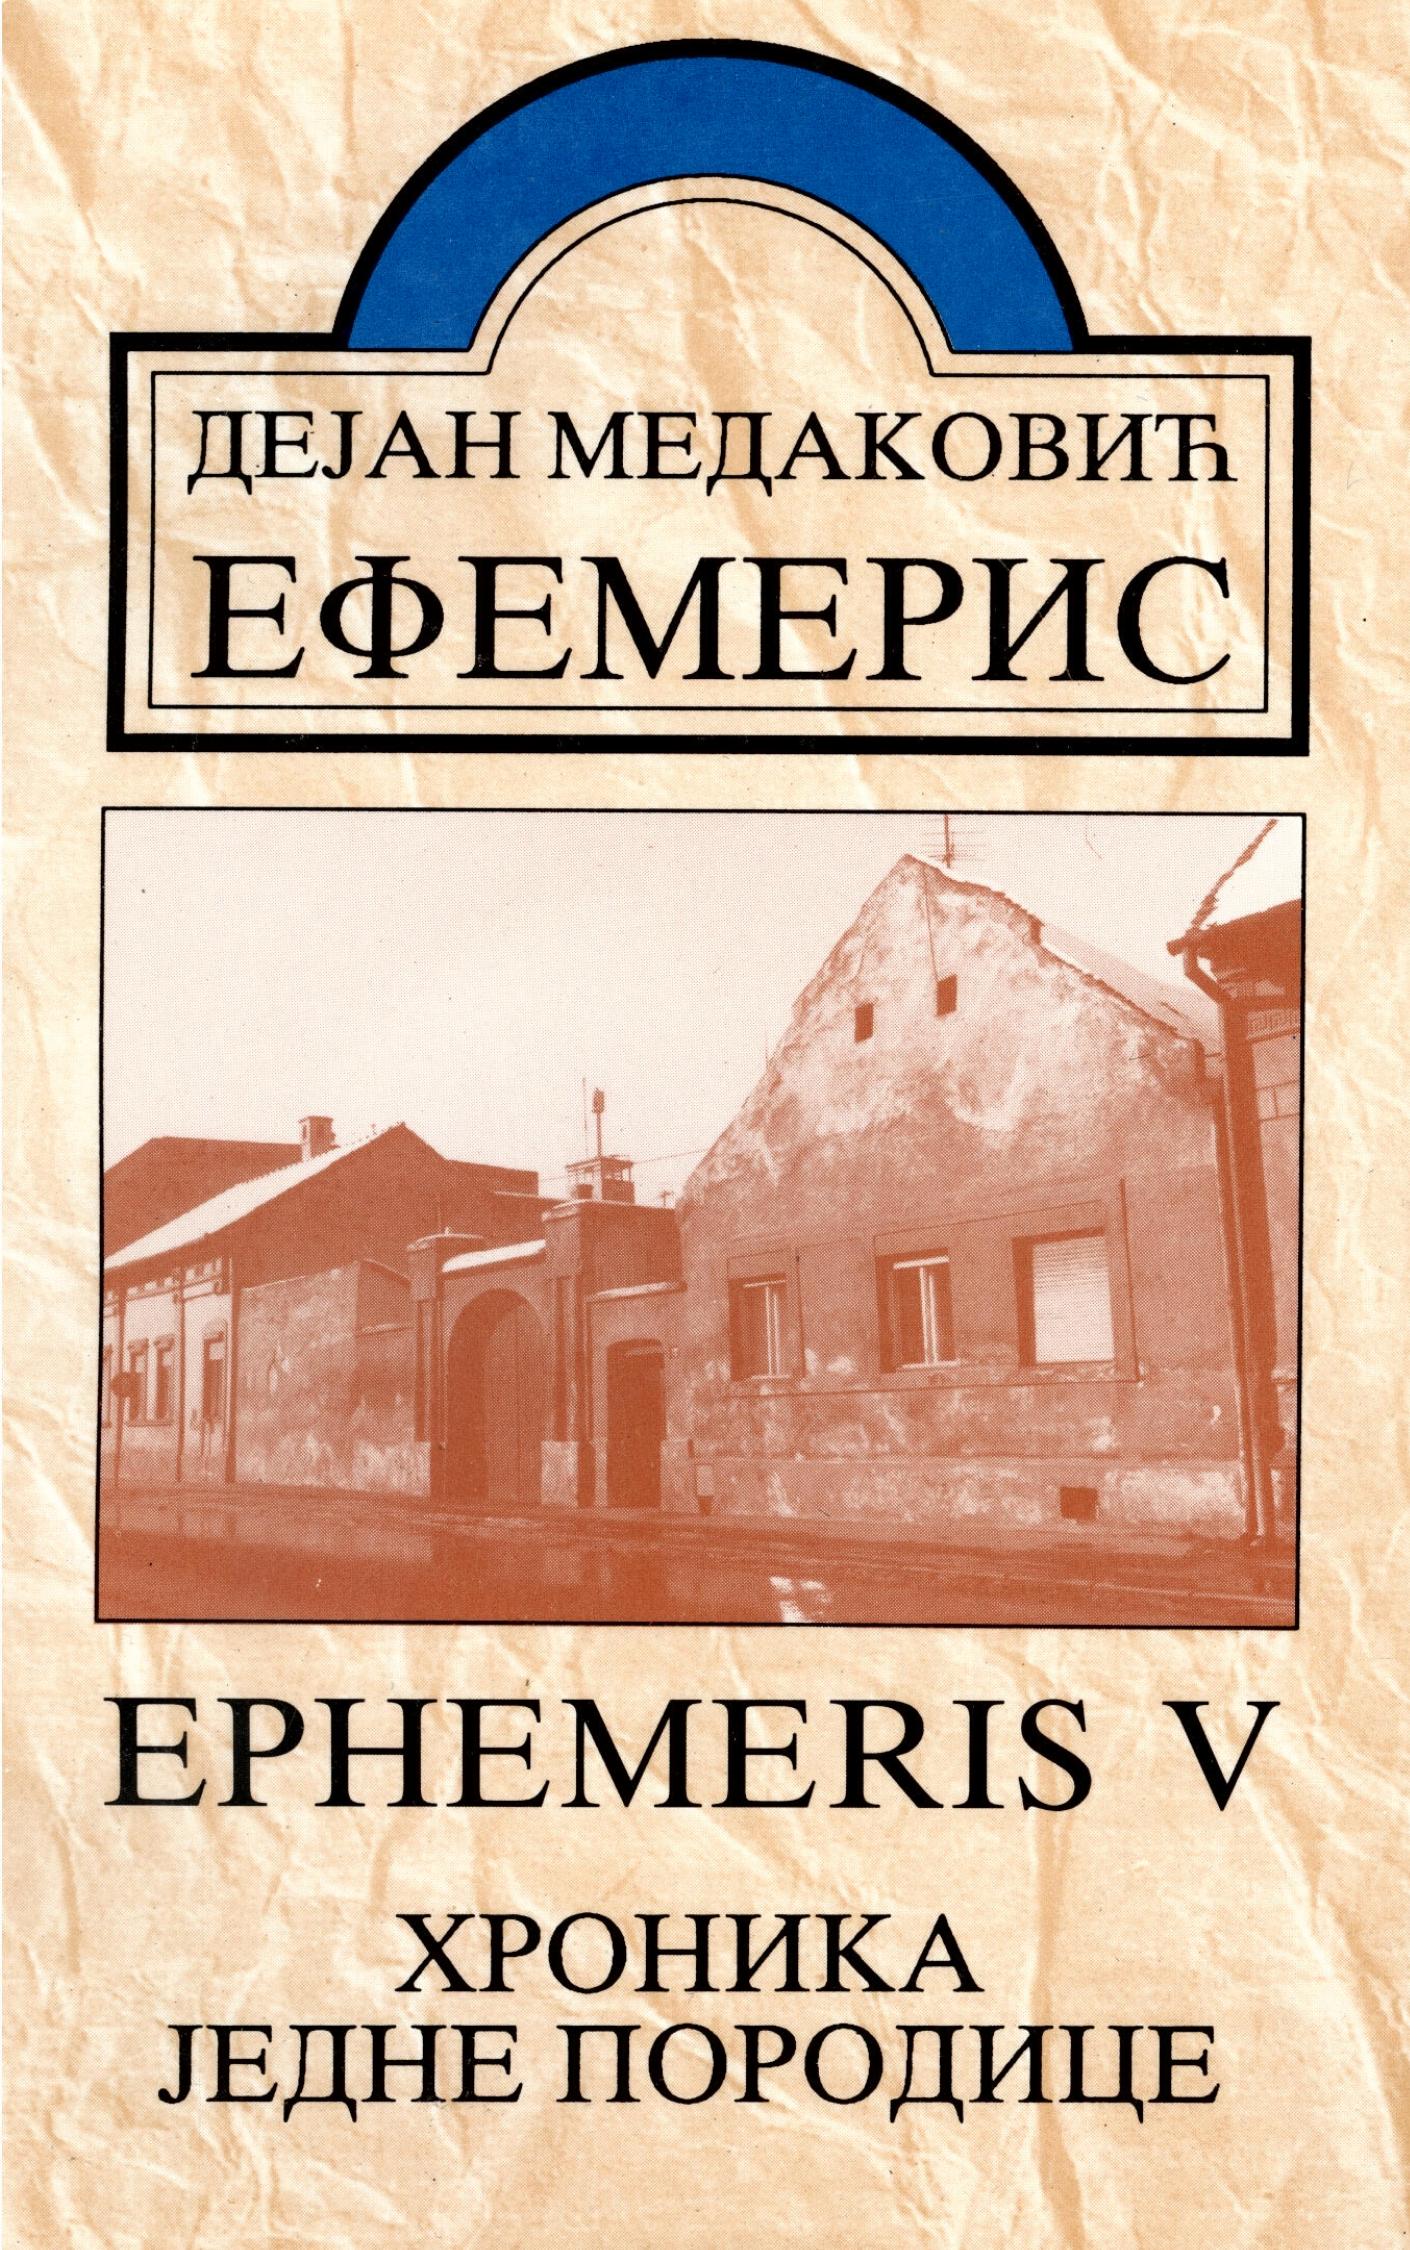 Ефемерис V